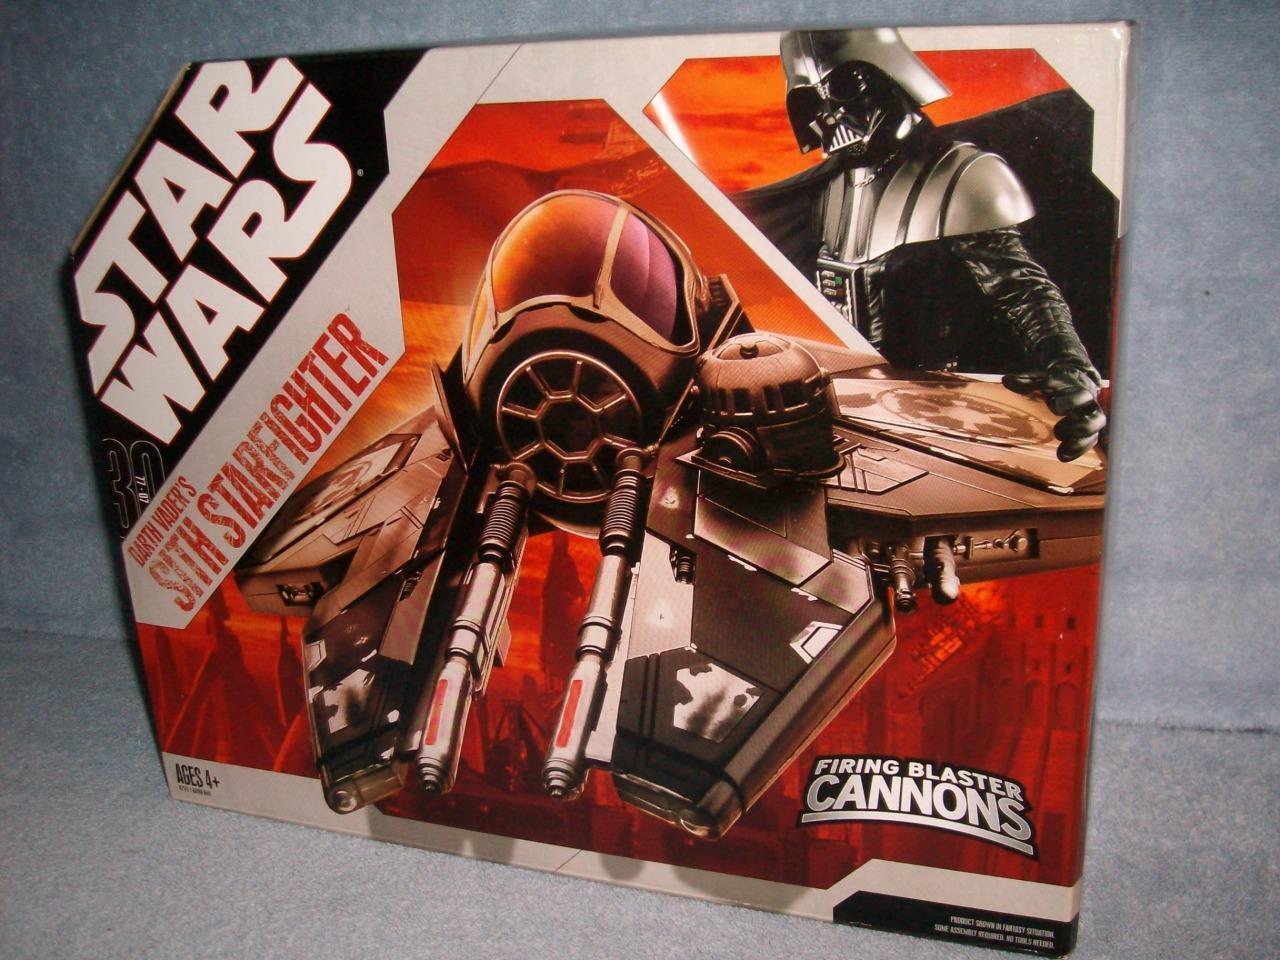 Darth Vader Negro Sith Estrellafighter 30th disparando cañones blaster 77-07 nuevo 2006